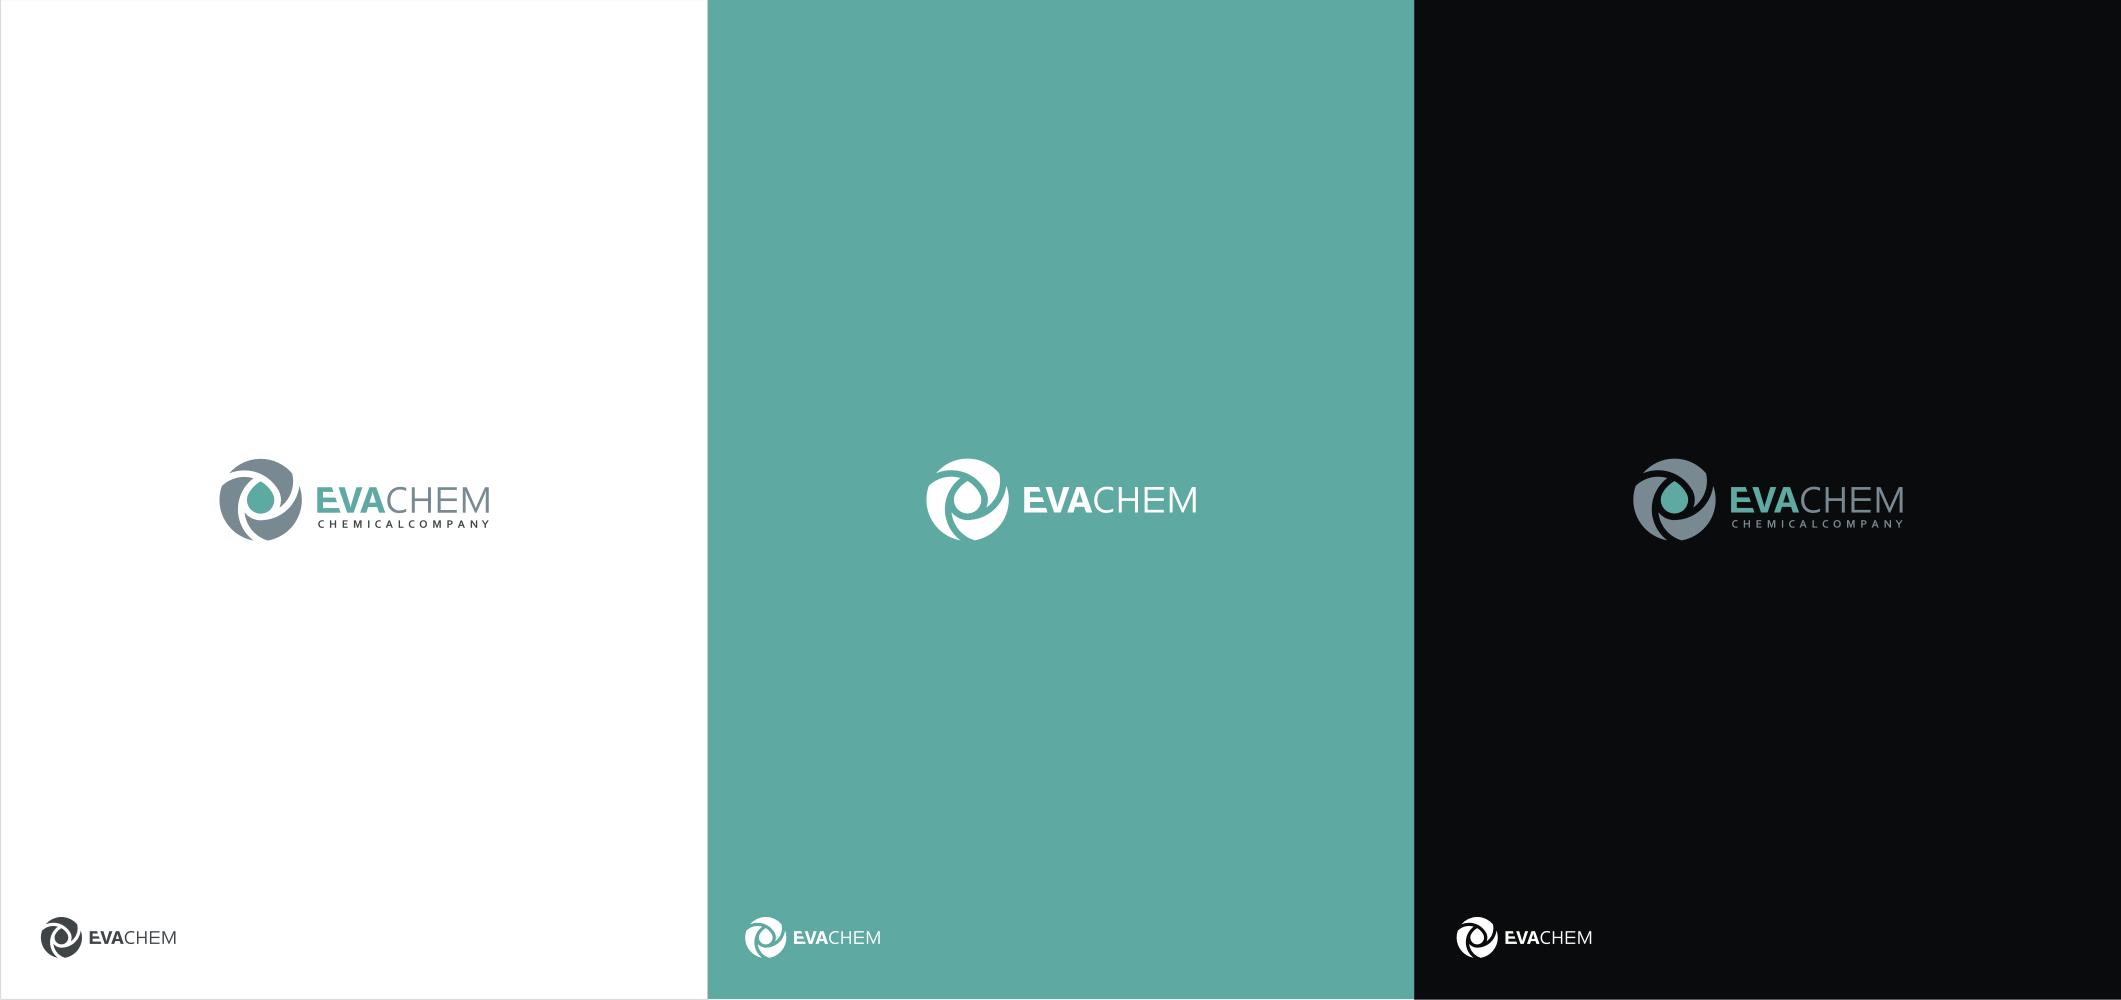 Разработка логотипа и фирменного стиля компании фото f_4315735dd86ea98d.png